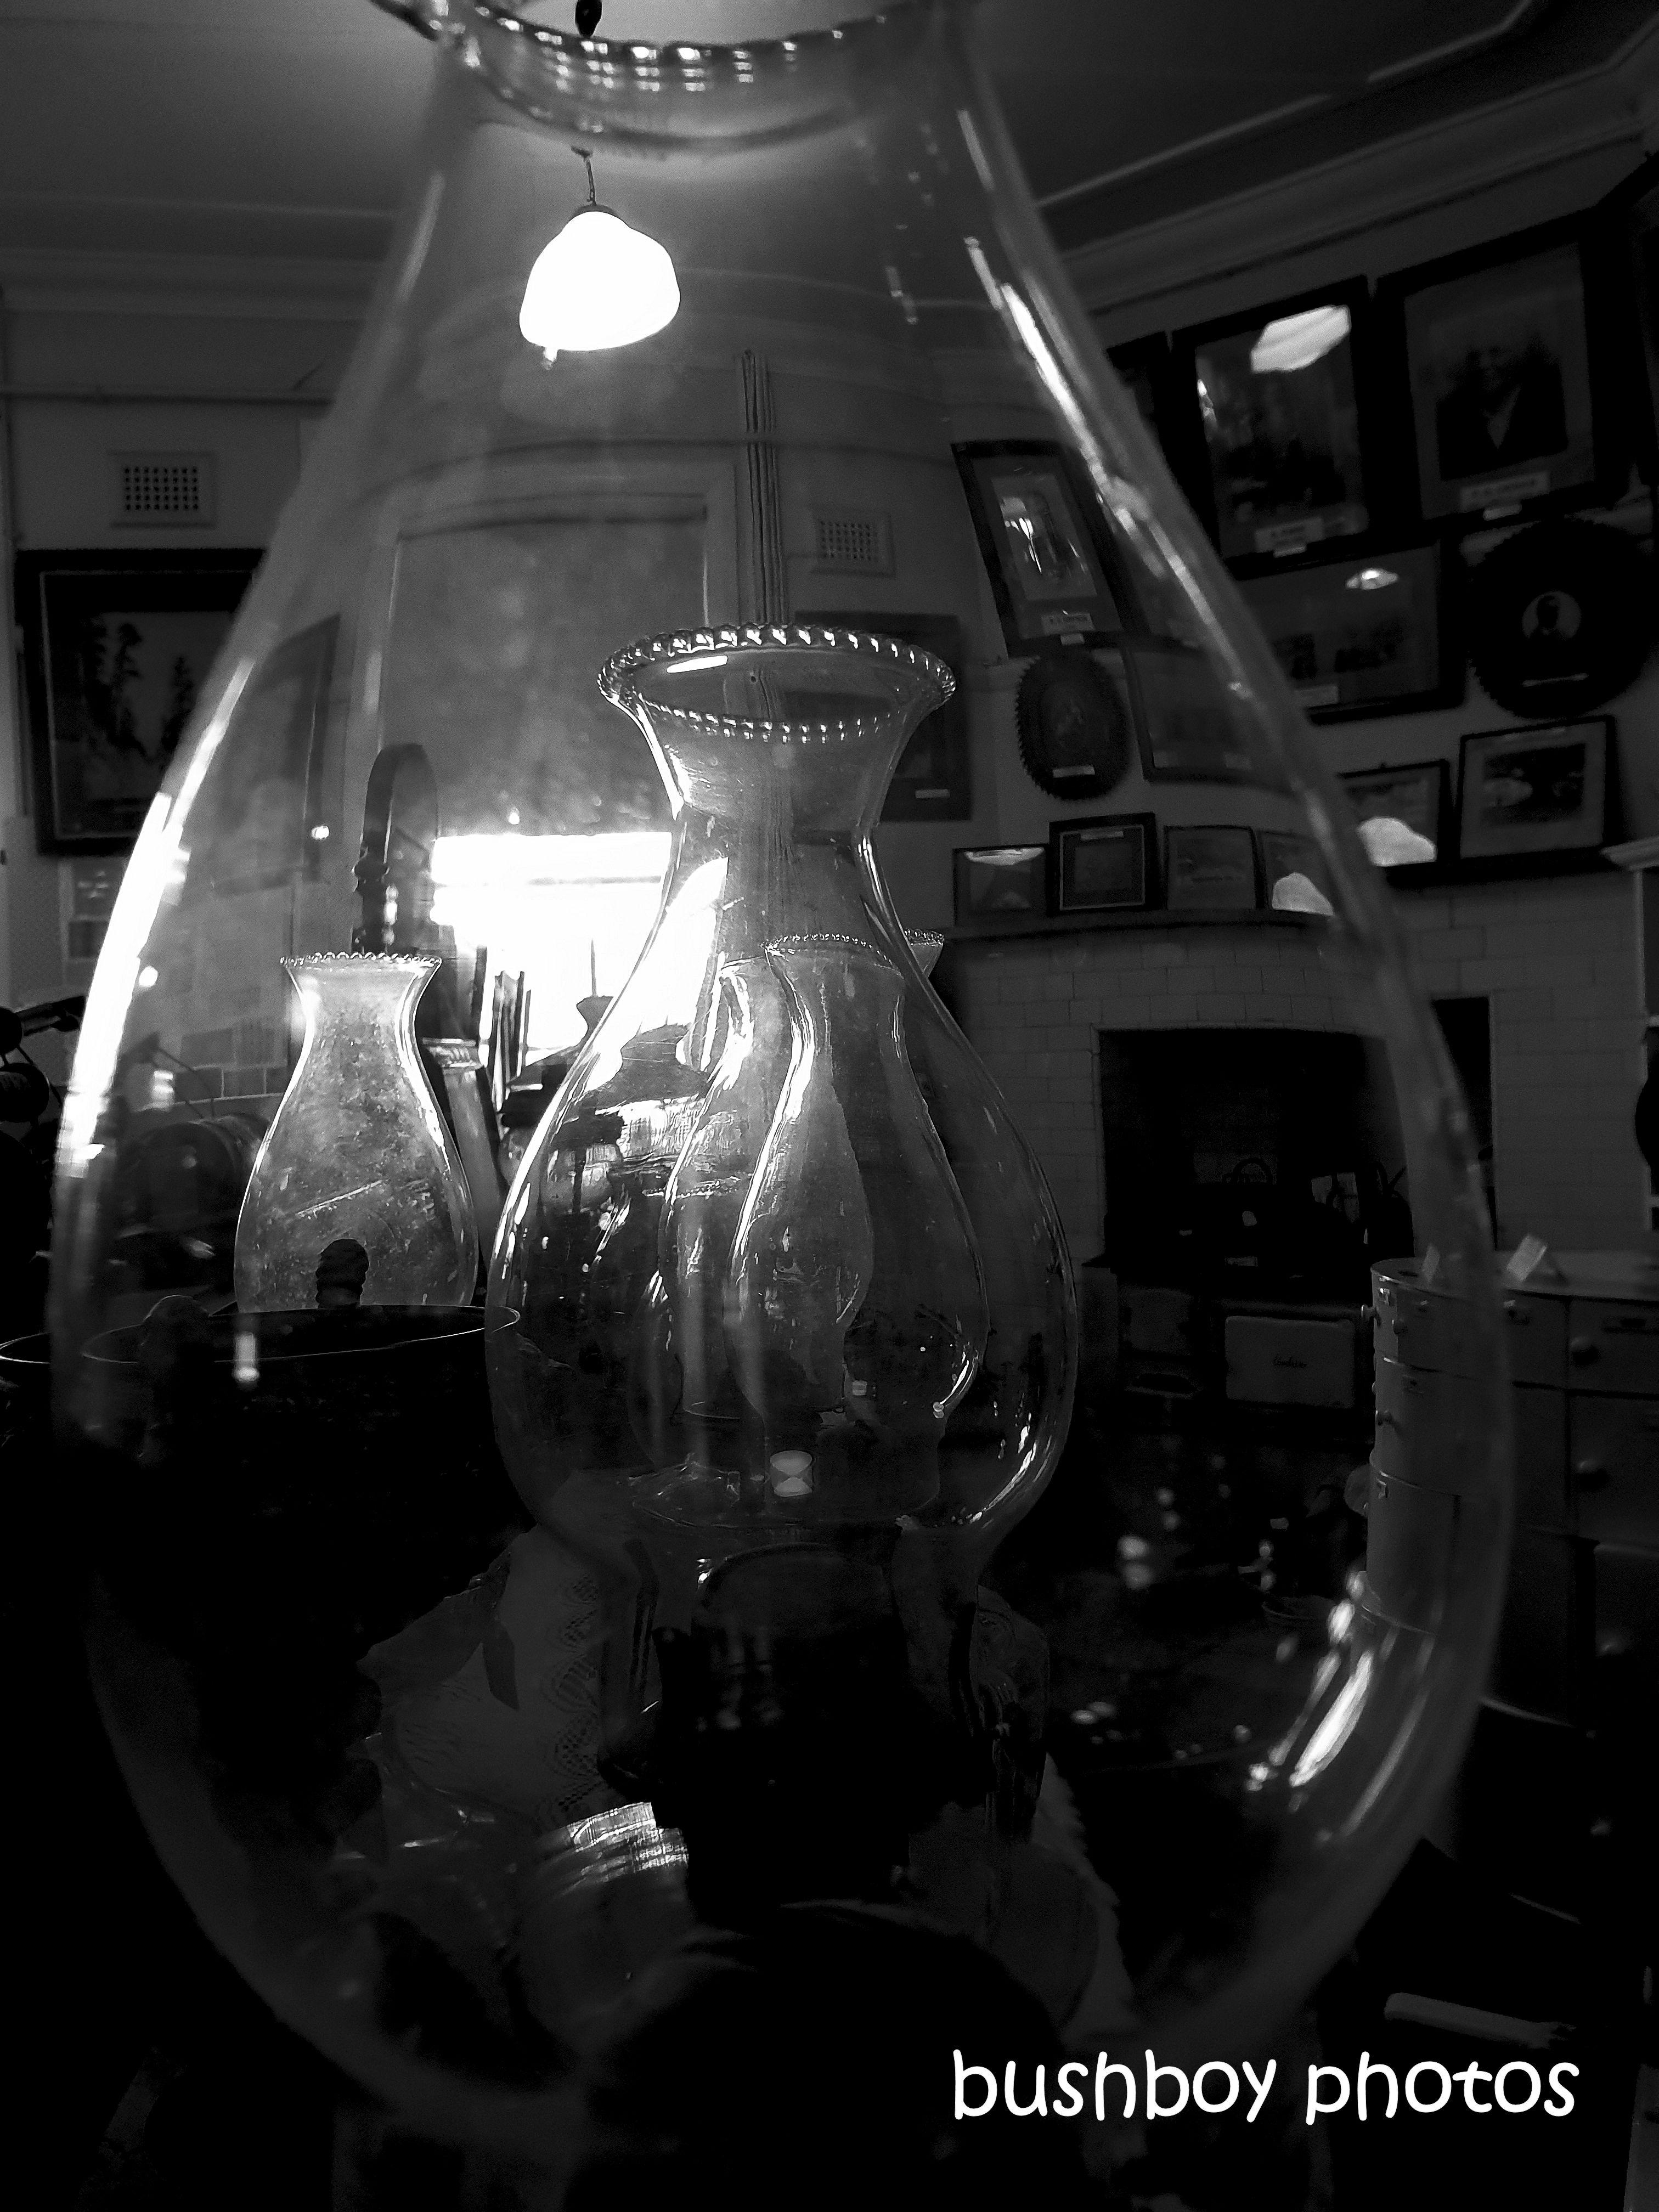 190812_blog_challenge_blackandwhite_lighting_kero_lamps_casino